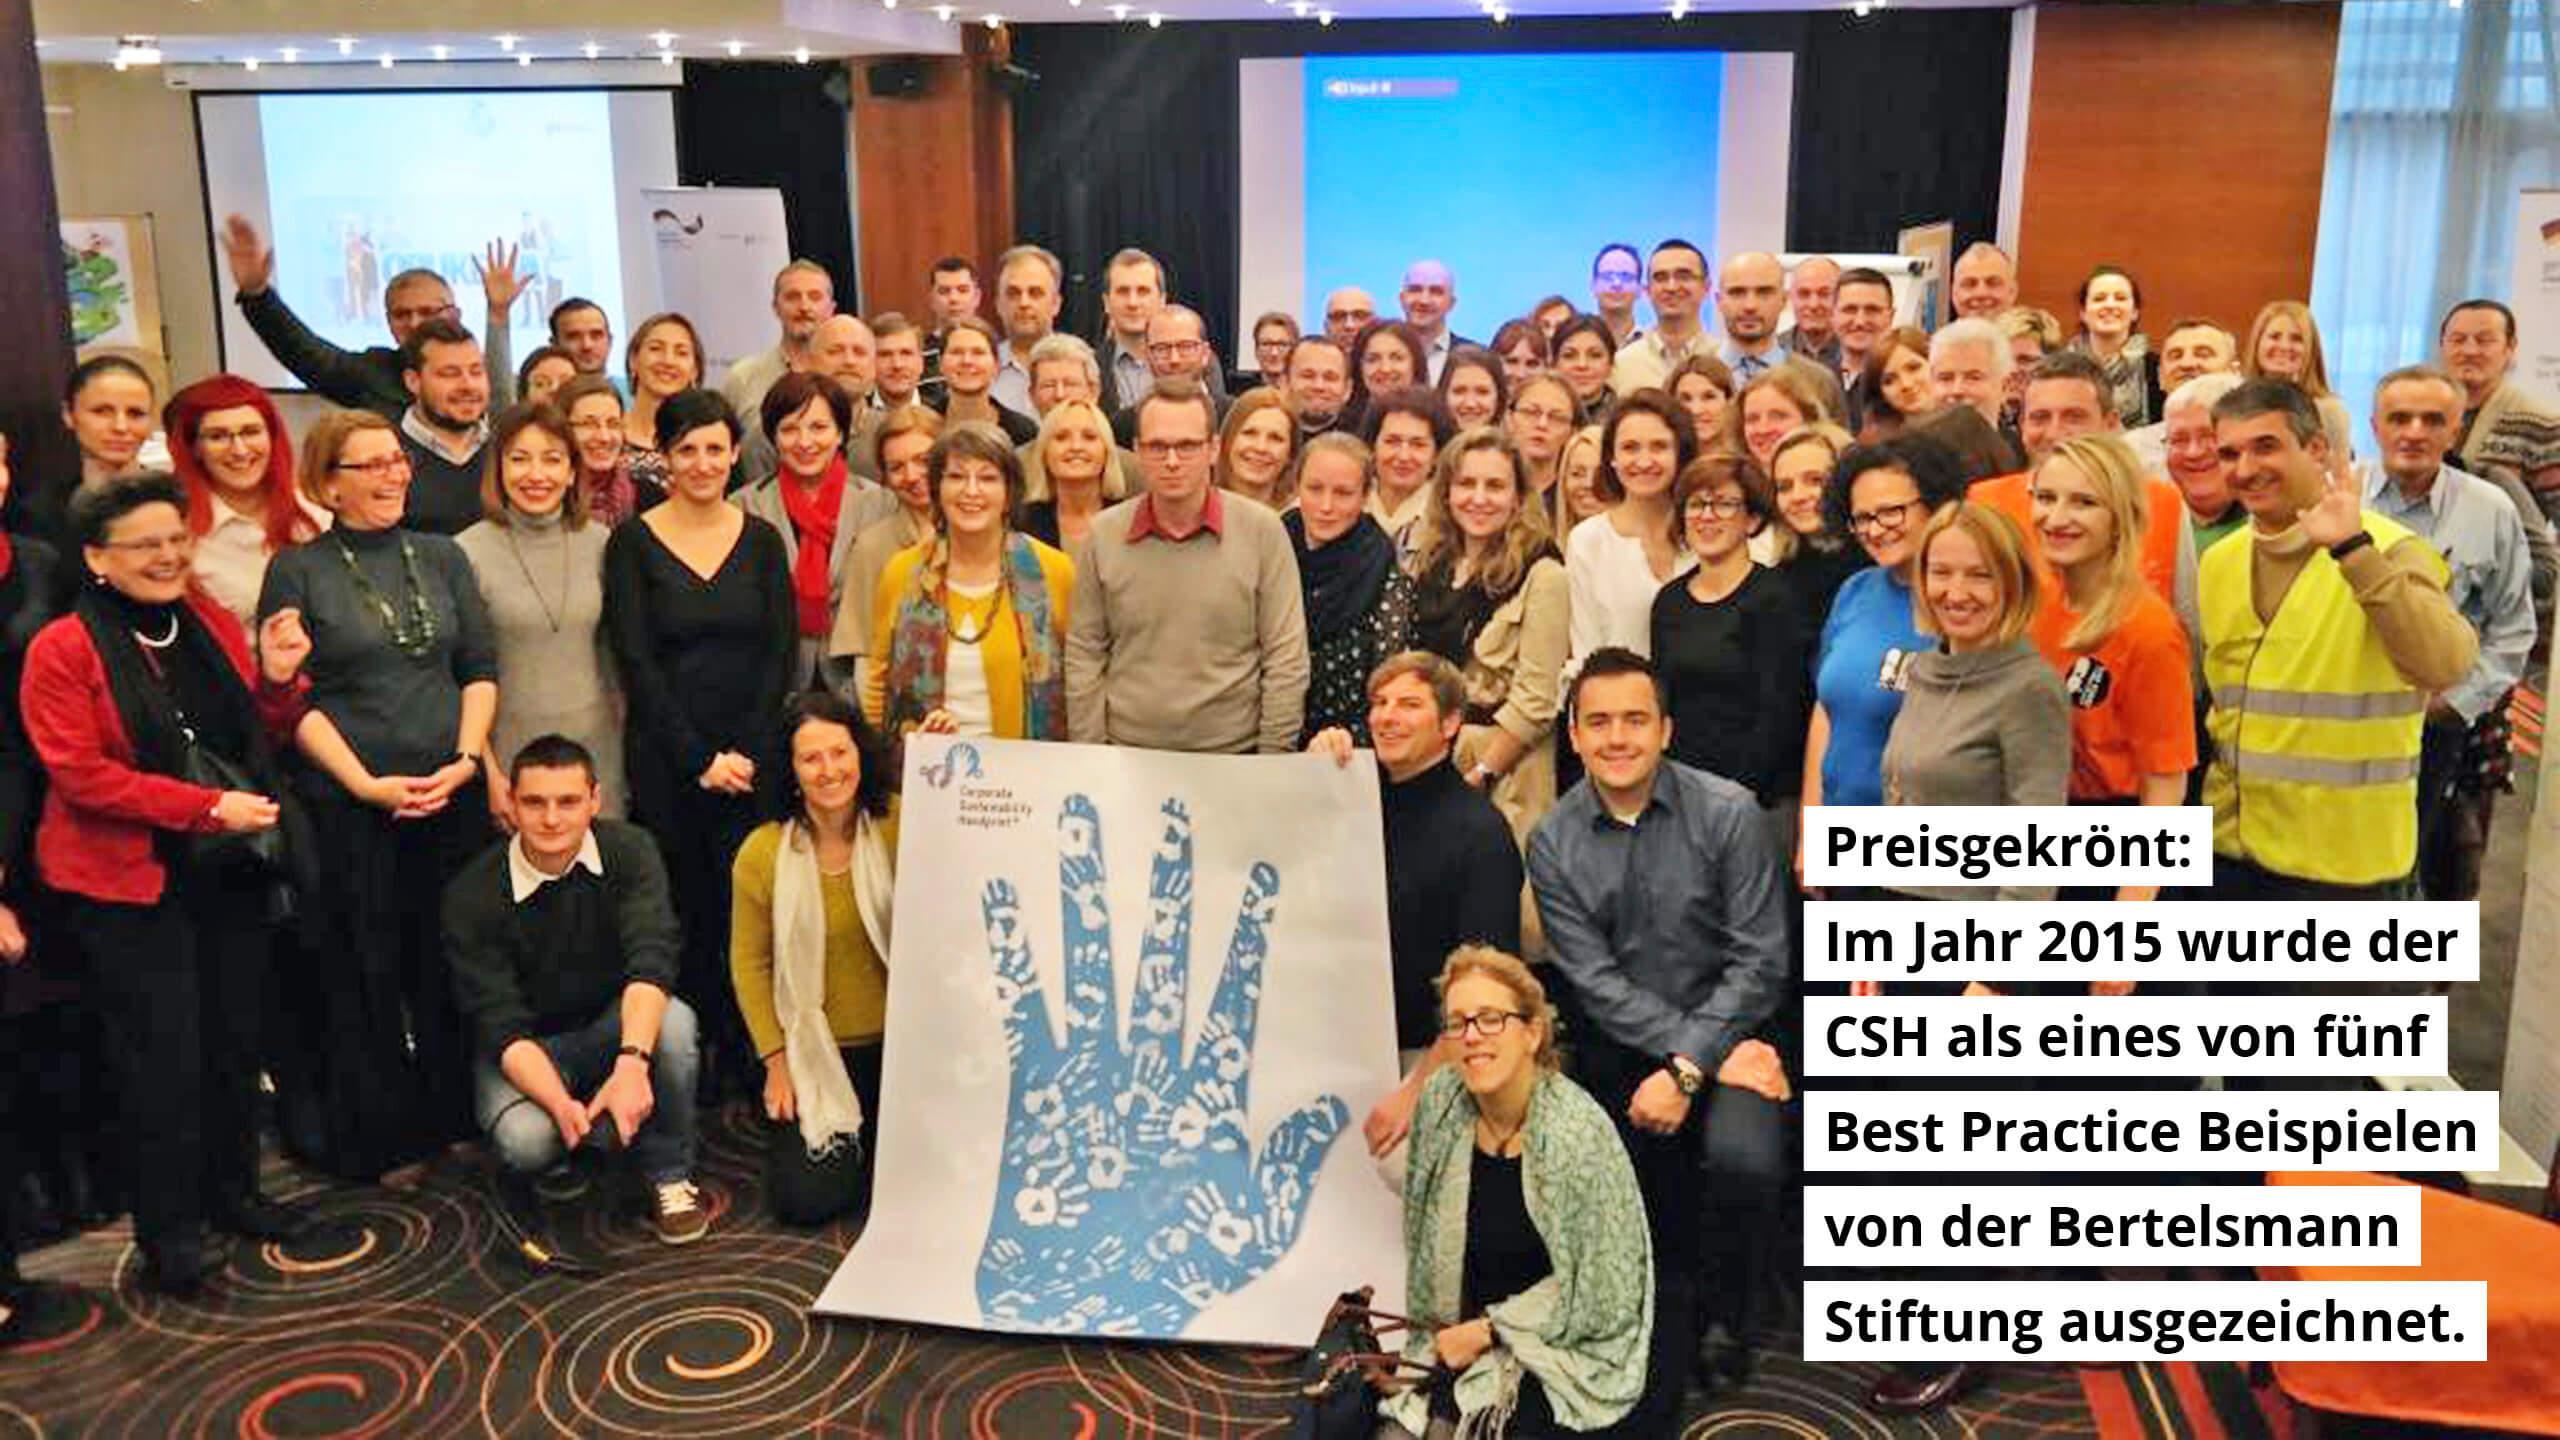 Preisgekrönt: 2015 wurde der CSH als eines von fünf Best Practice-Beispielen von der Bertelsmannstiftung ausgezeichnet.